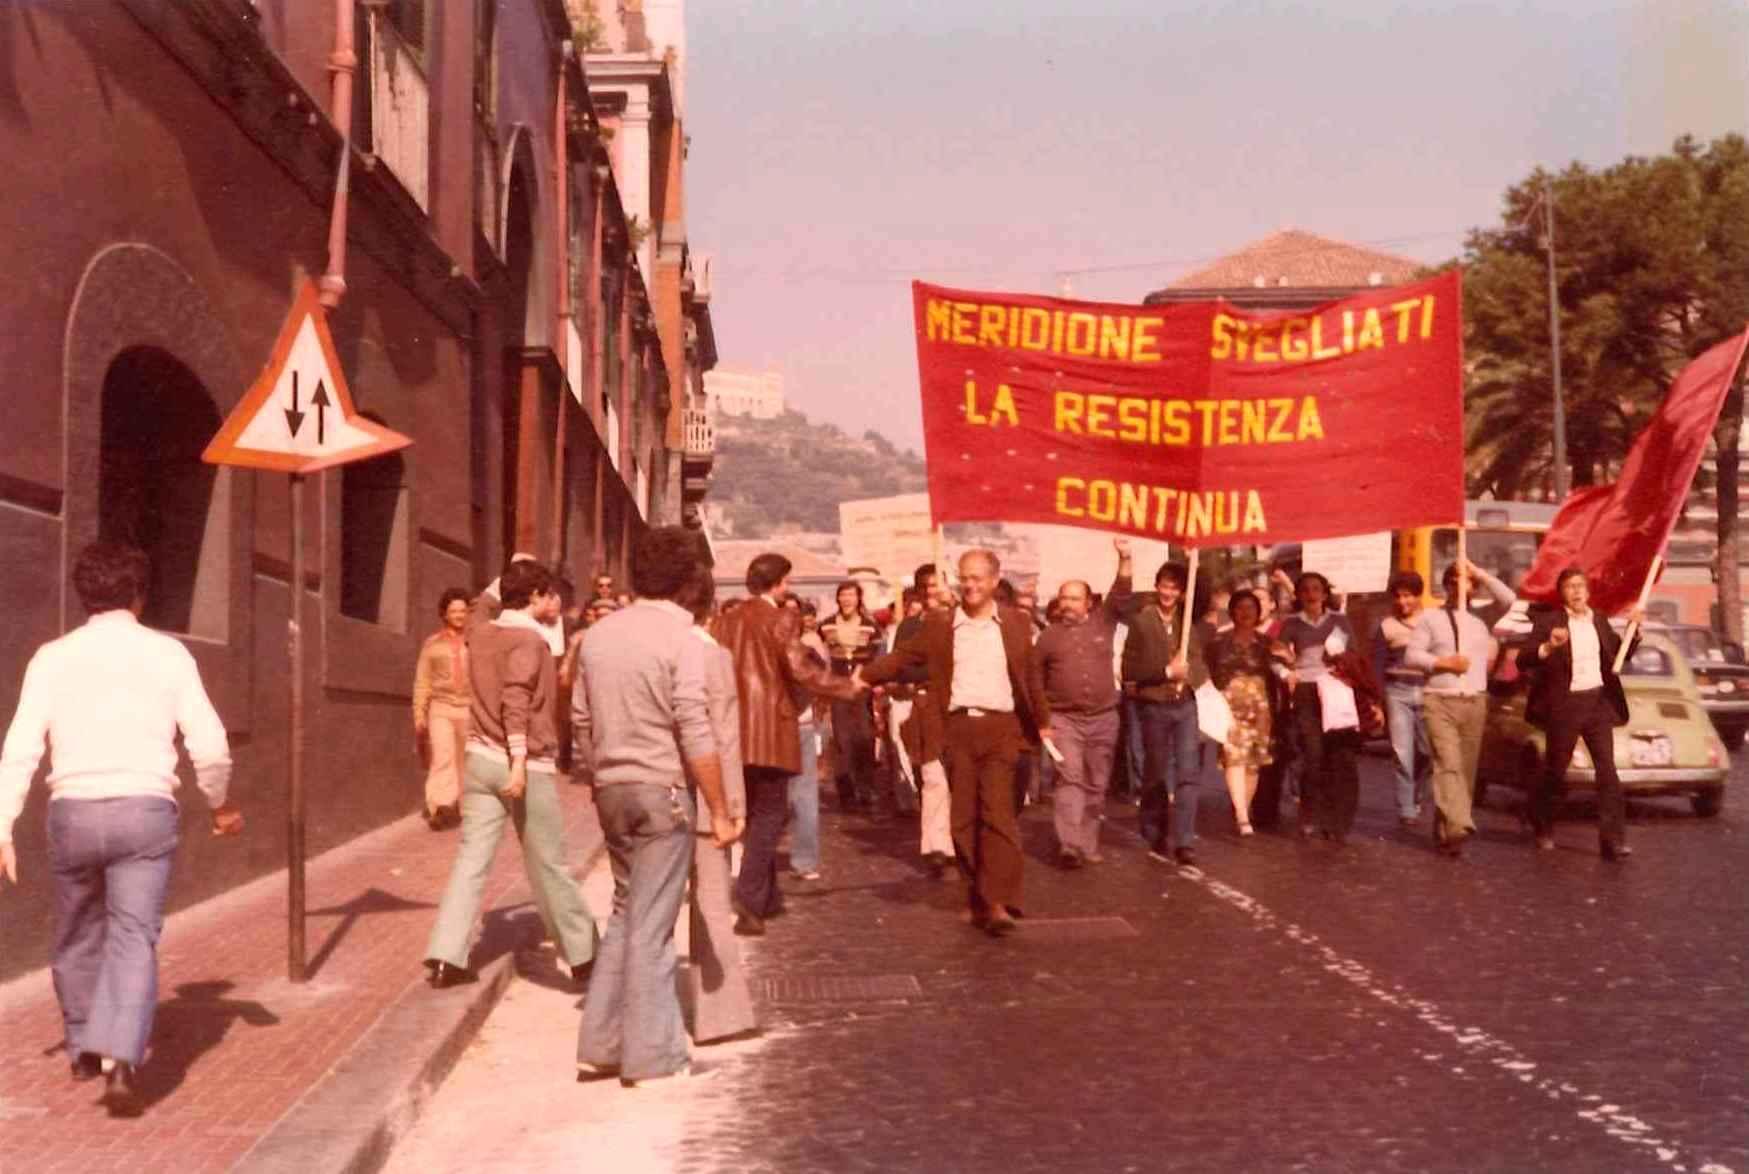 [6] Delegazione di massa Napoli 1977